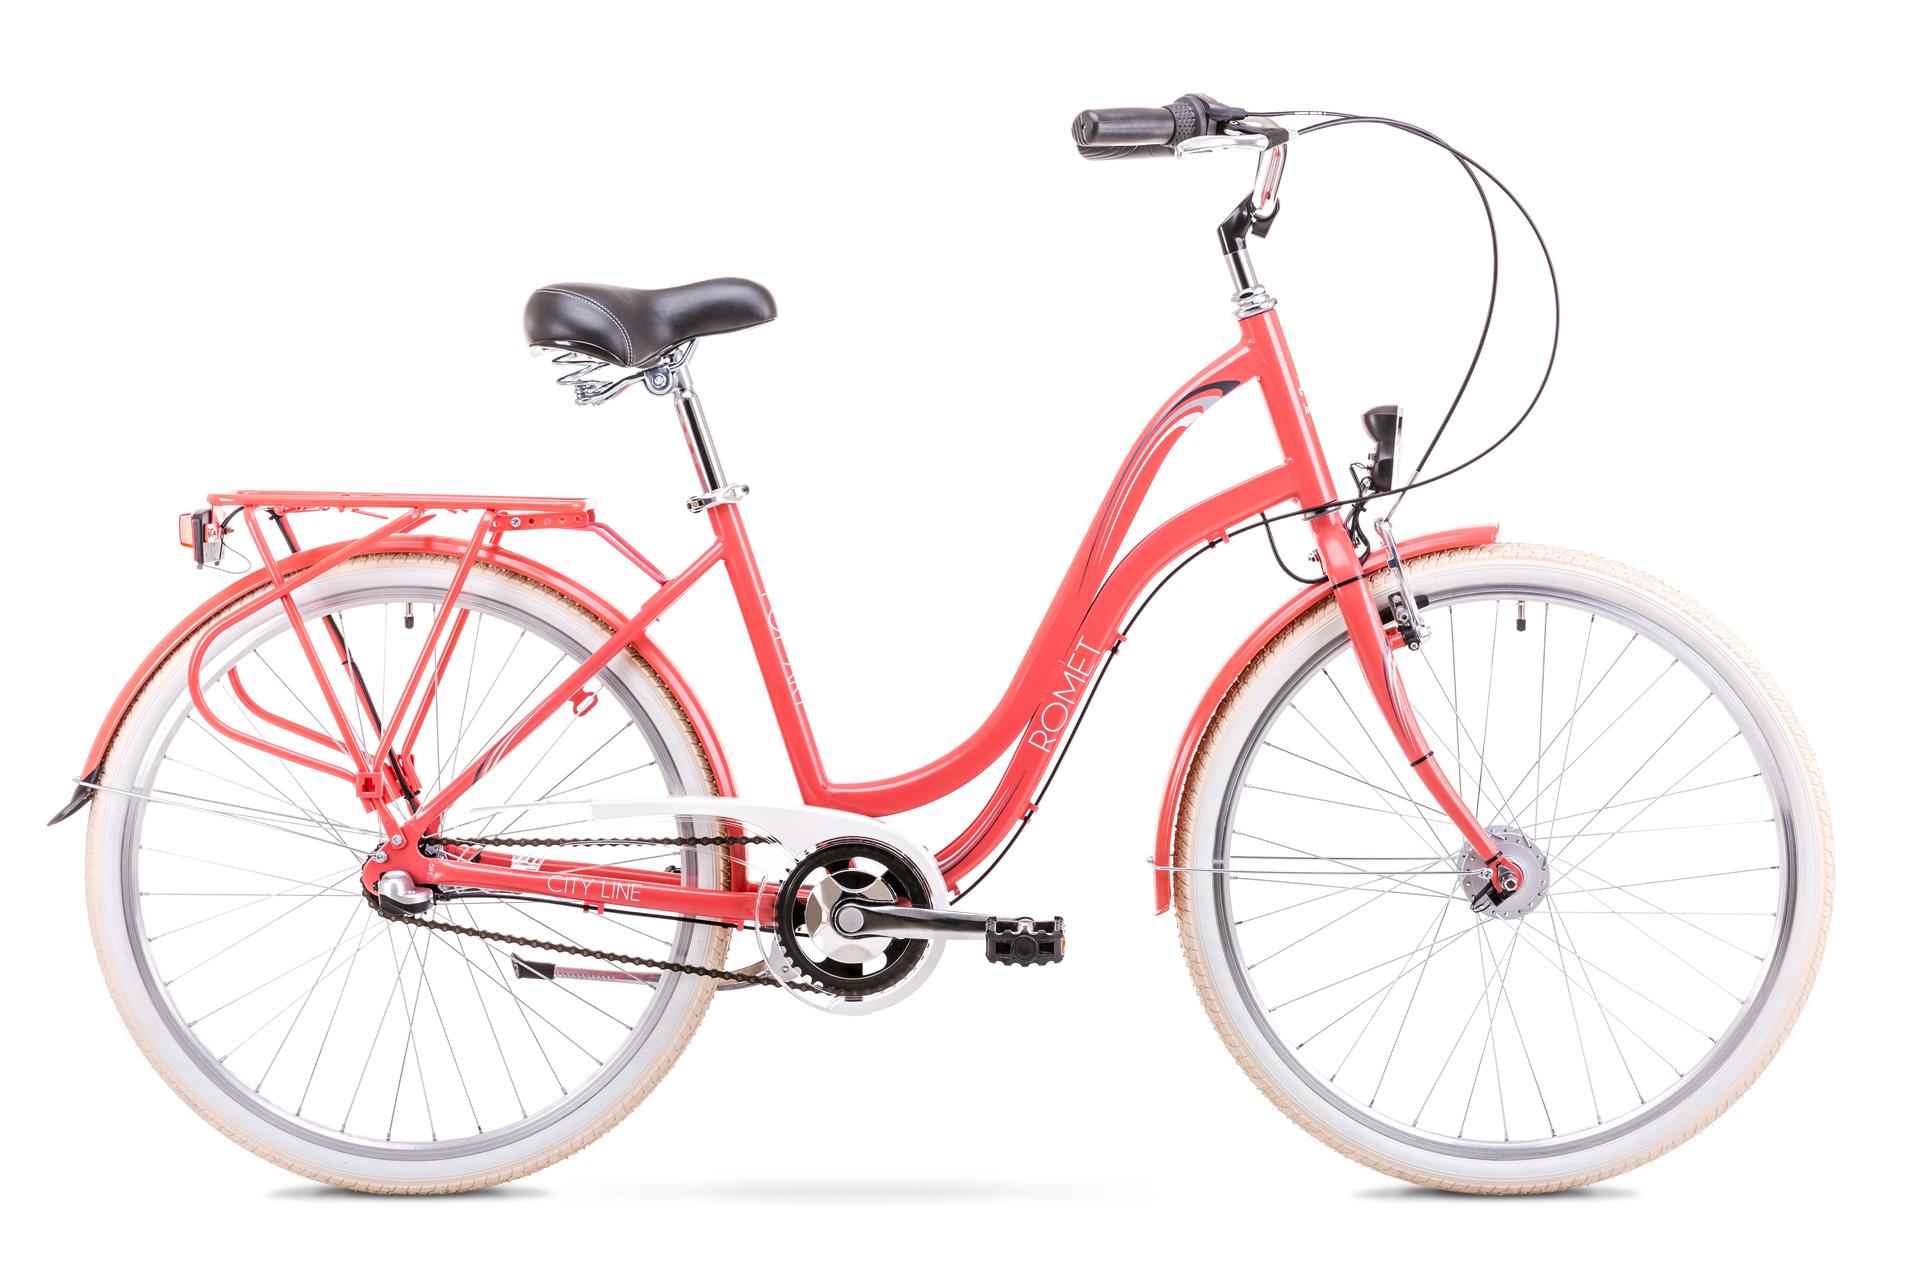 Bicicleta de oras pentru Femei Romet Pop Art 26 Rosu 2019 imagine